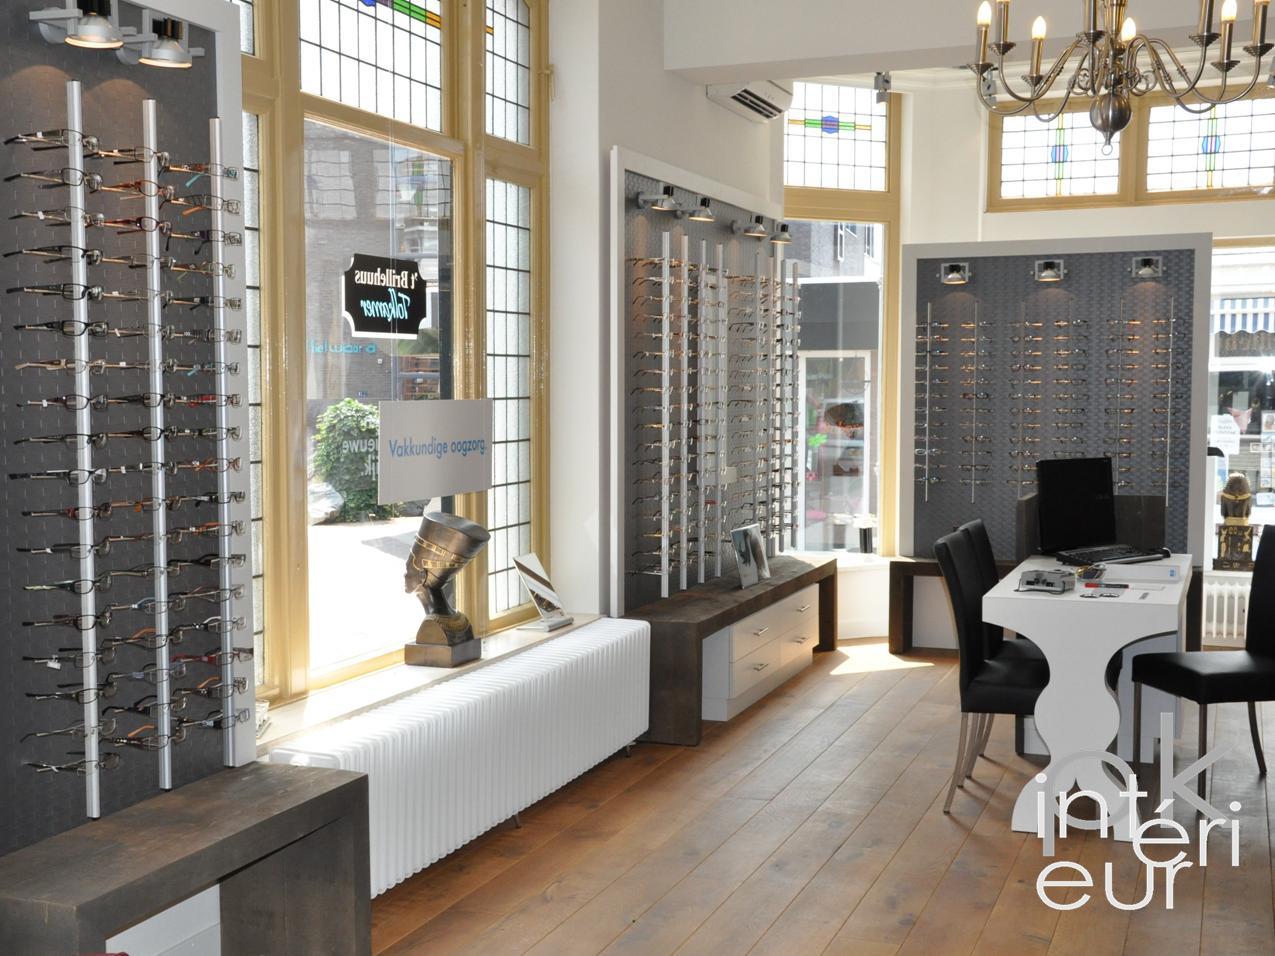 pk interieur design ontwerp inrichting en advies voor uw winkelinterieur in utrecht. Black Bedroom Furniture Sets. Home Design Ideas